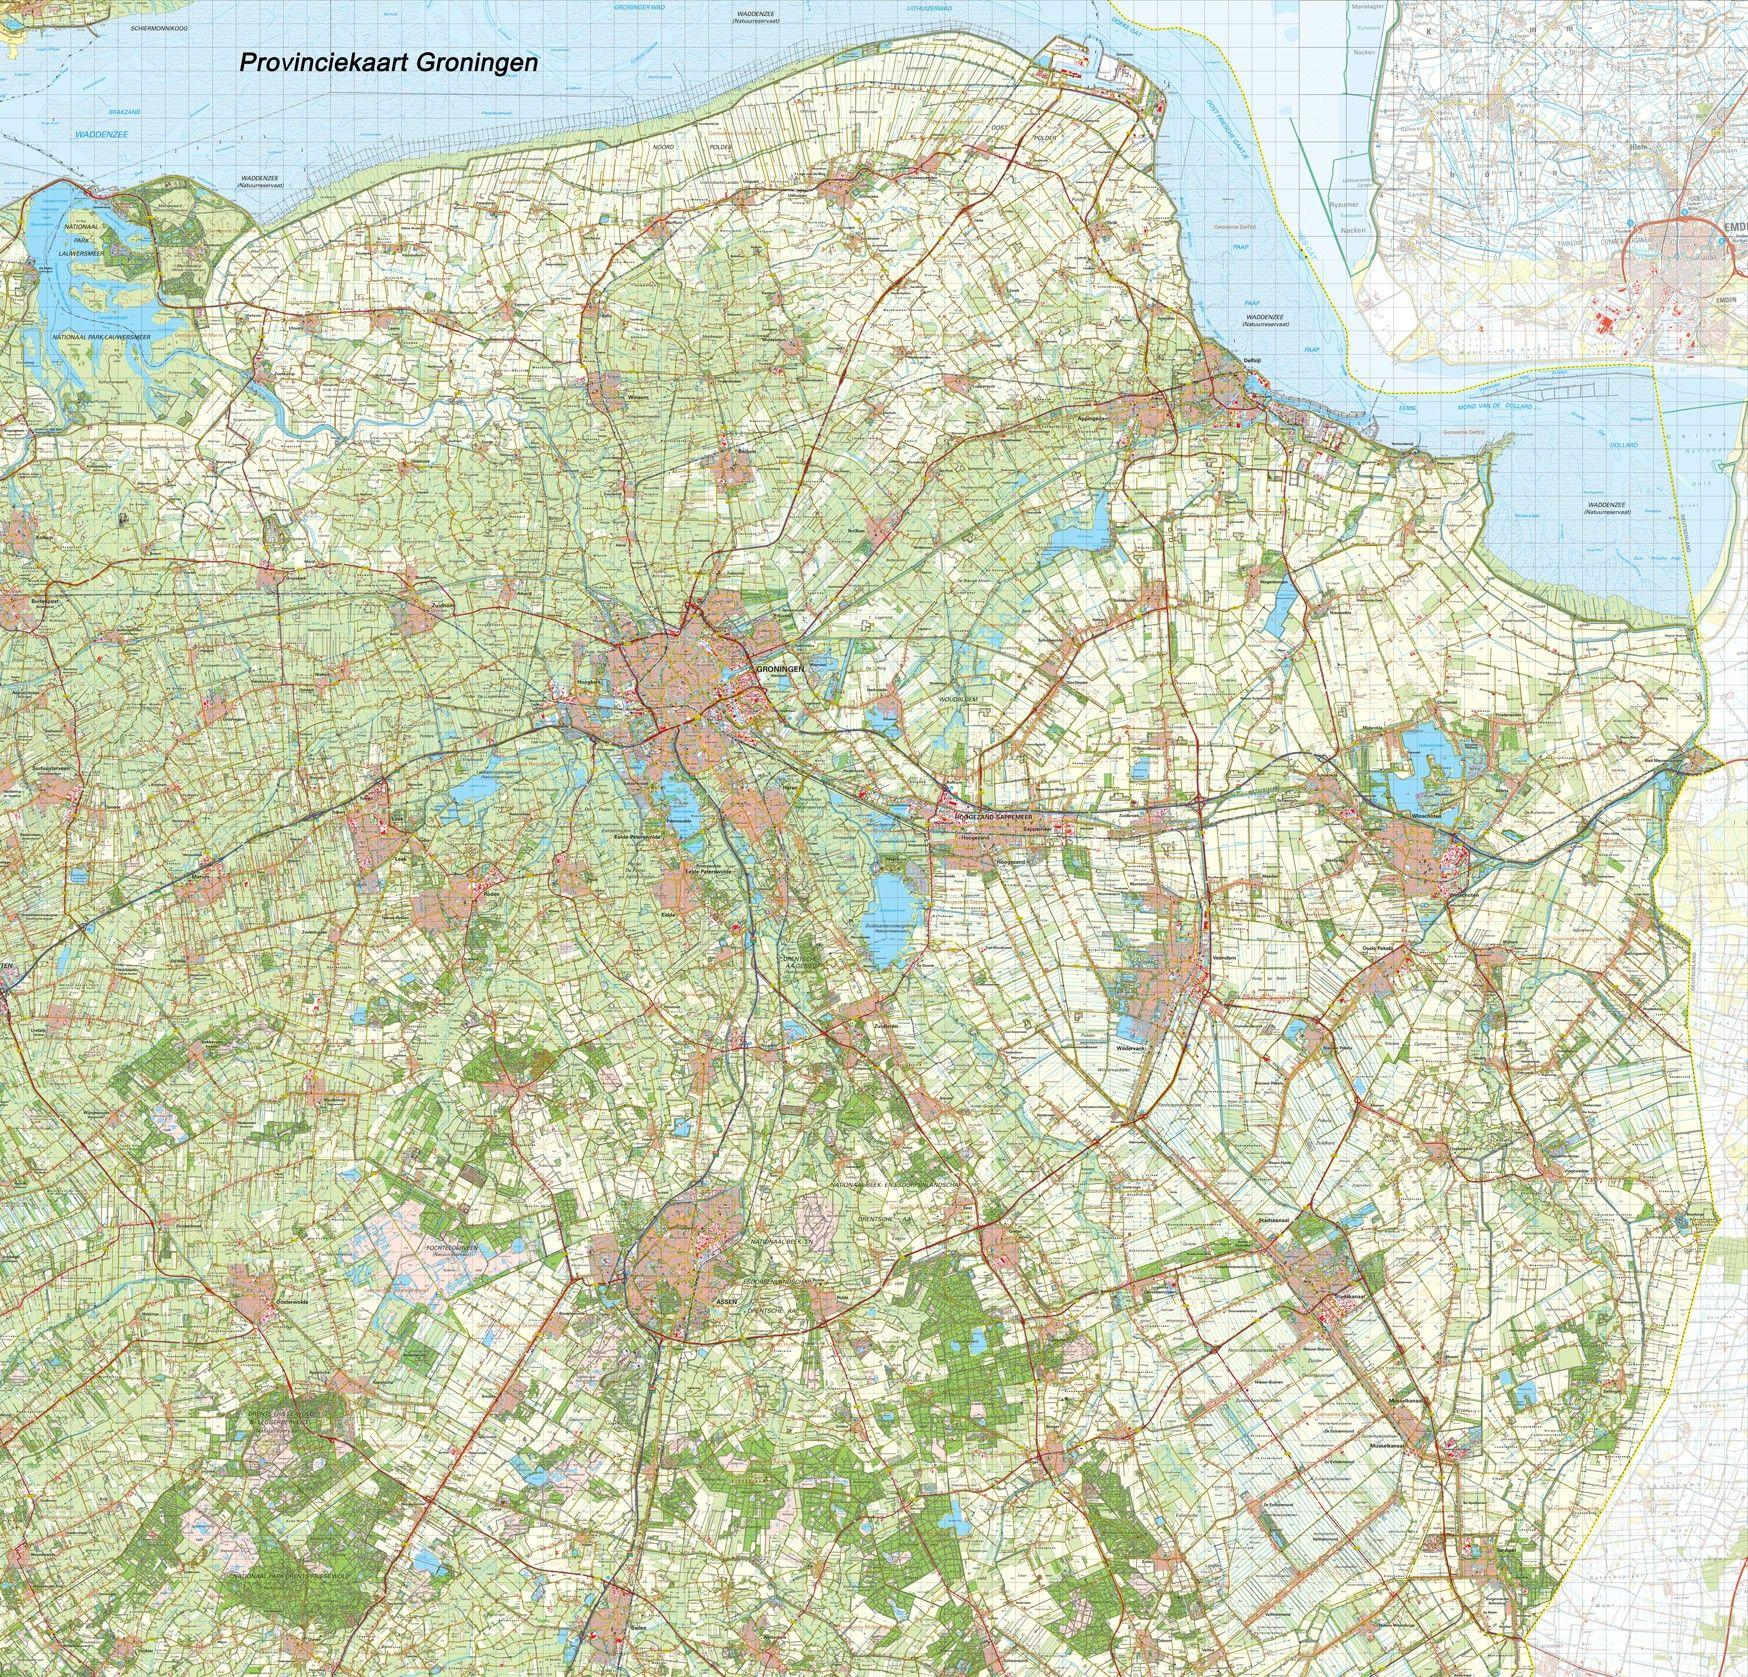 Provincie kaart Groningen schaal 1:50.000